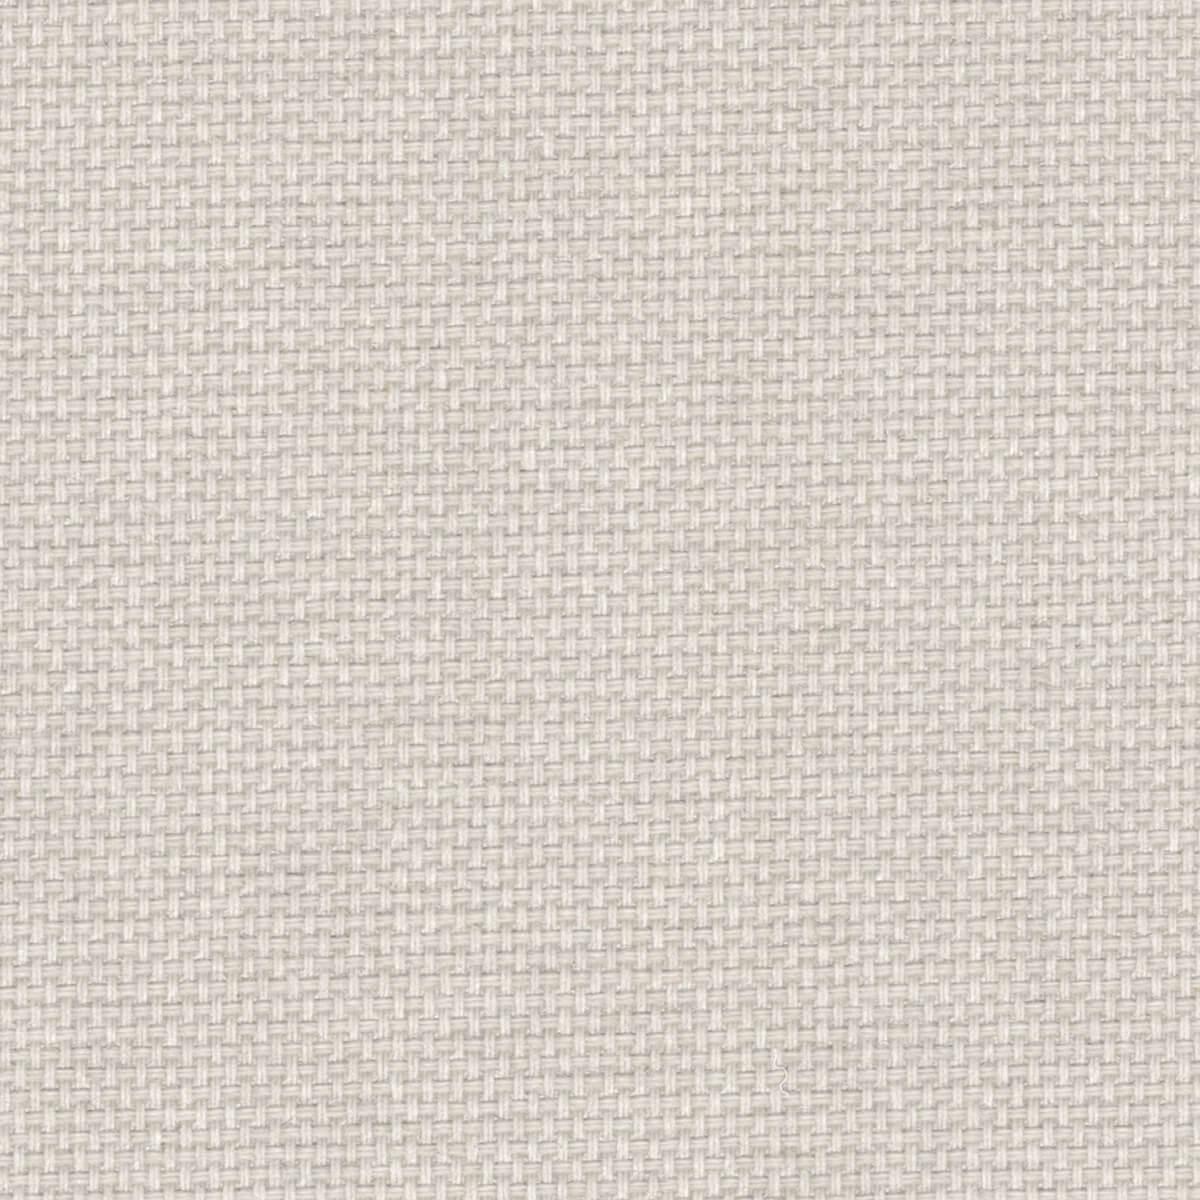 پرده بلک اوت با سبک مدرن | جنس پلی استر | کد VBL10| گروه وراتی